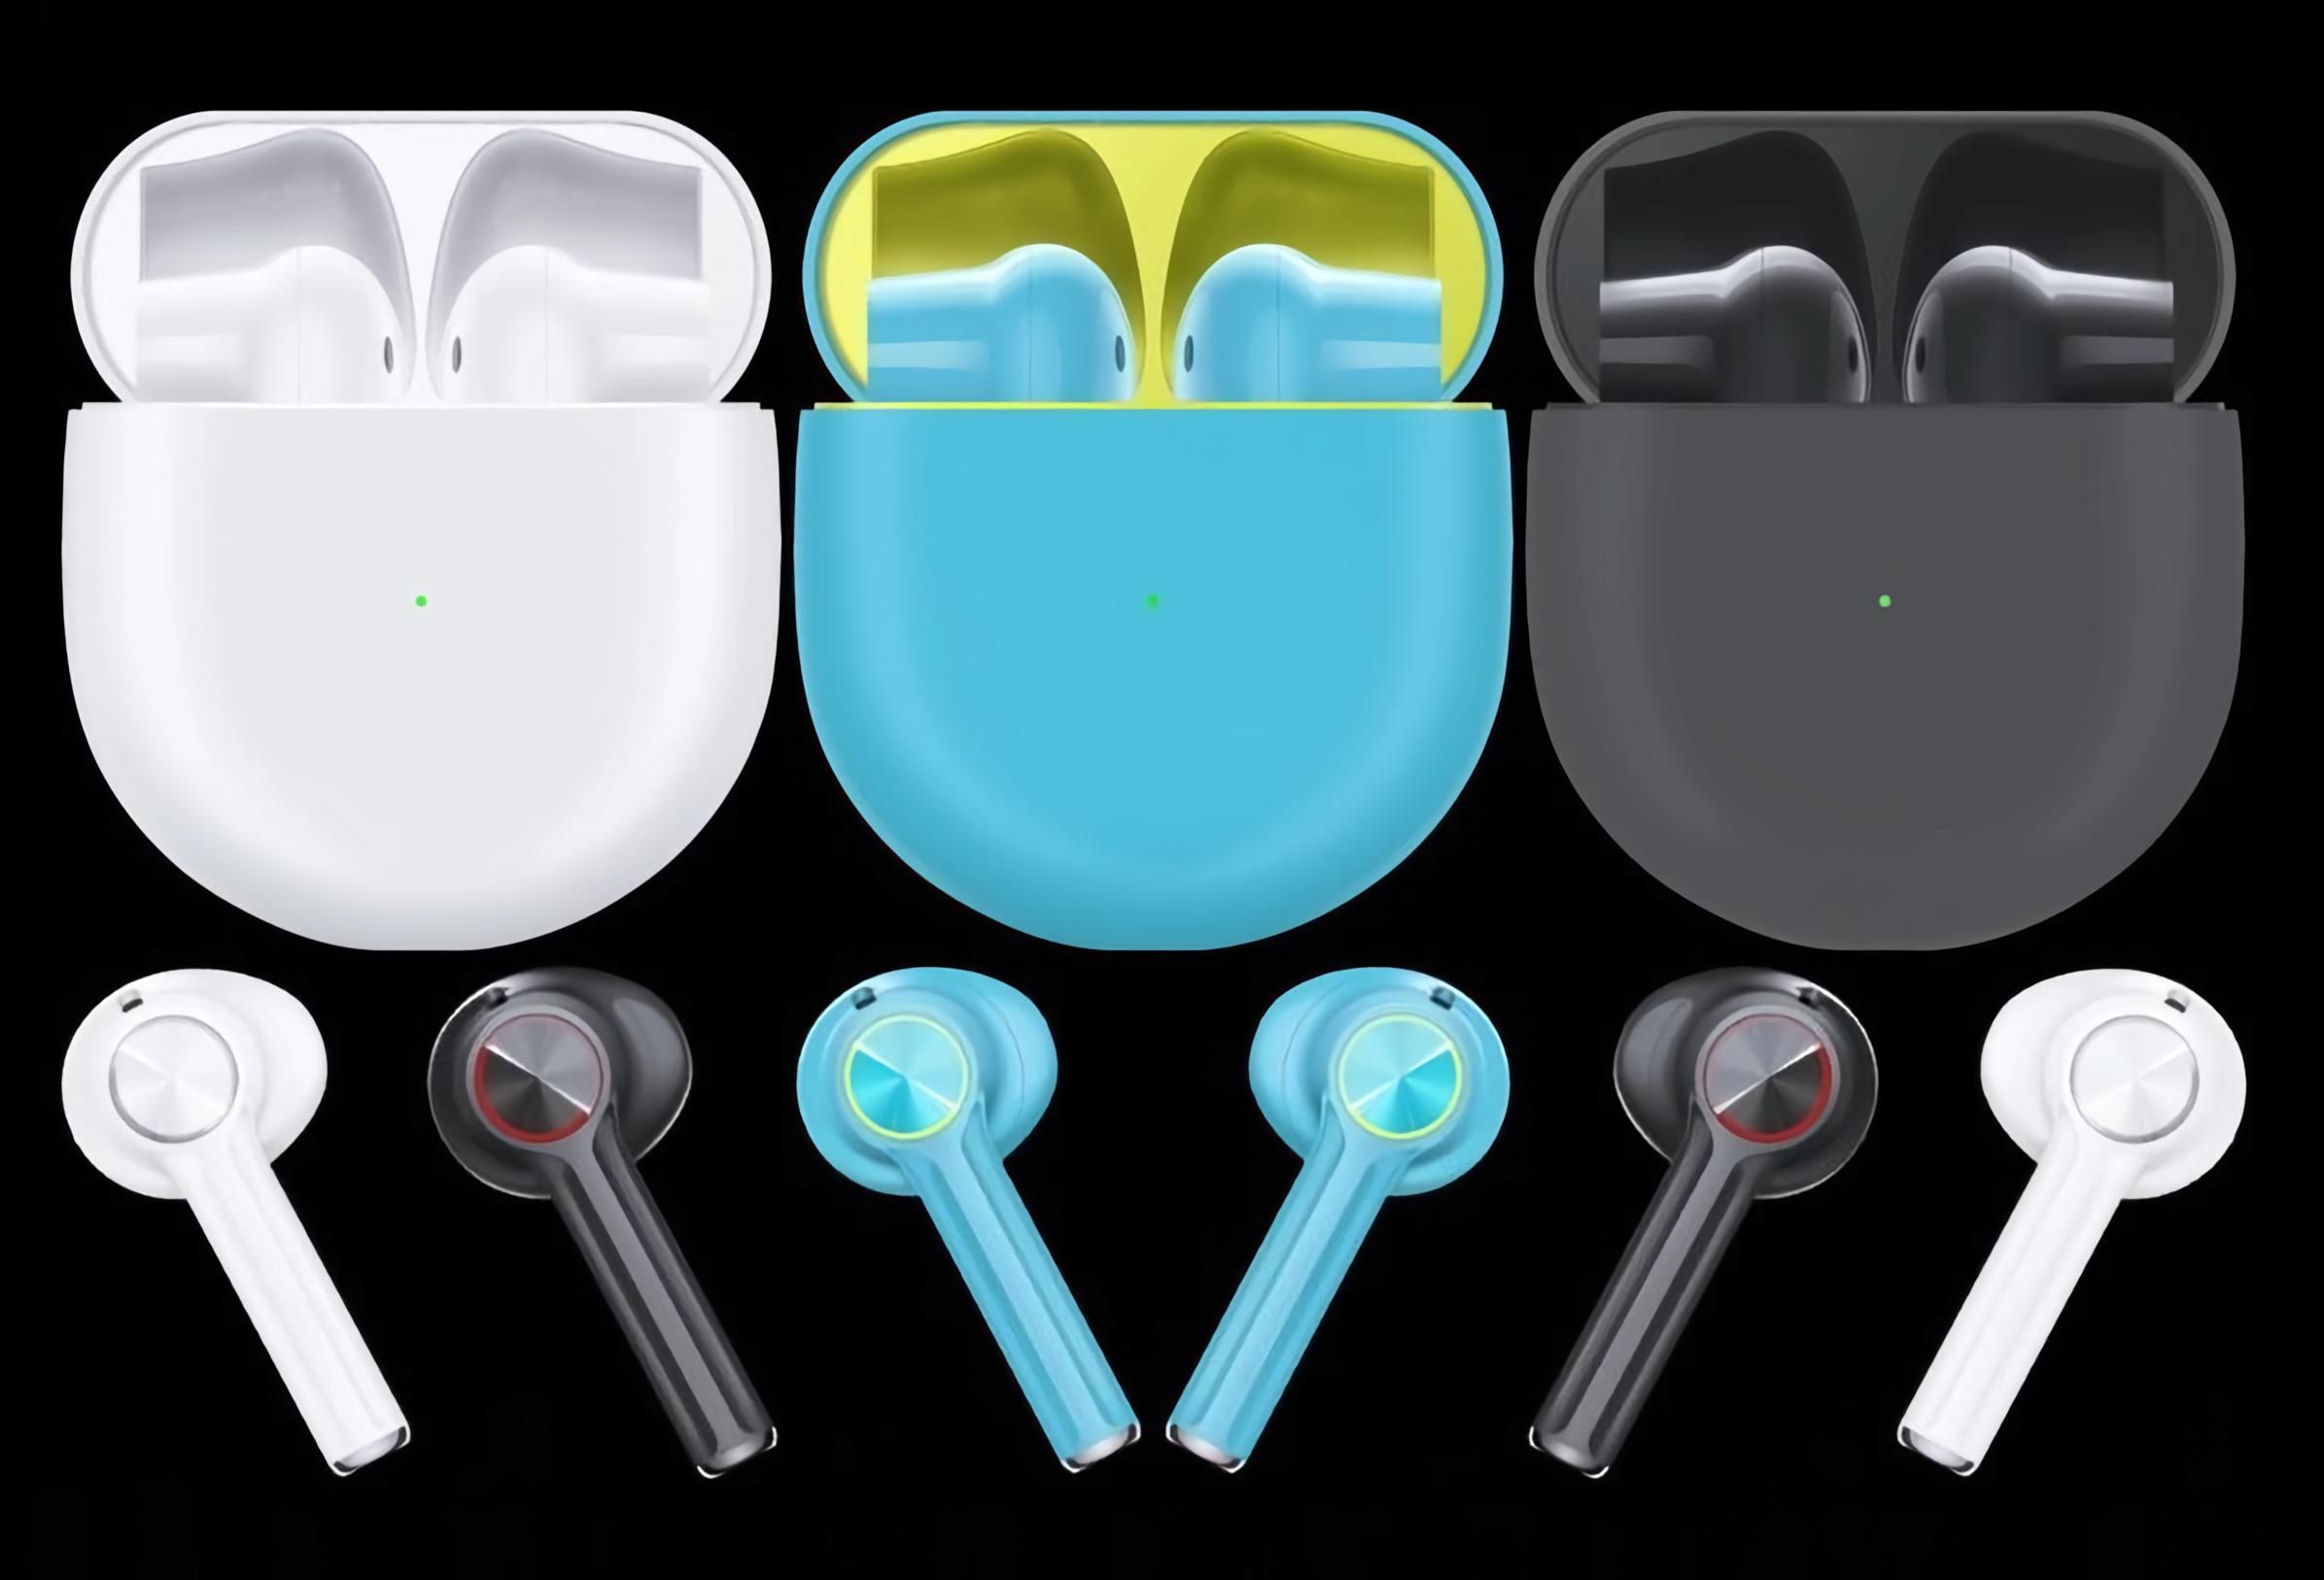 Дешевле Apple AirPods и Vivo TWS: OnePlus раскрыла стоимость полностью беспроводных наушников OnePlus Buds